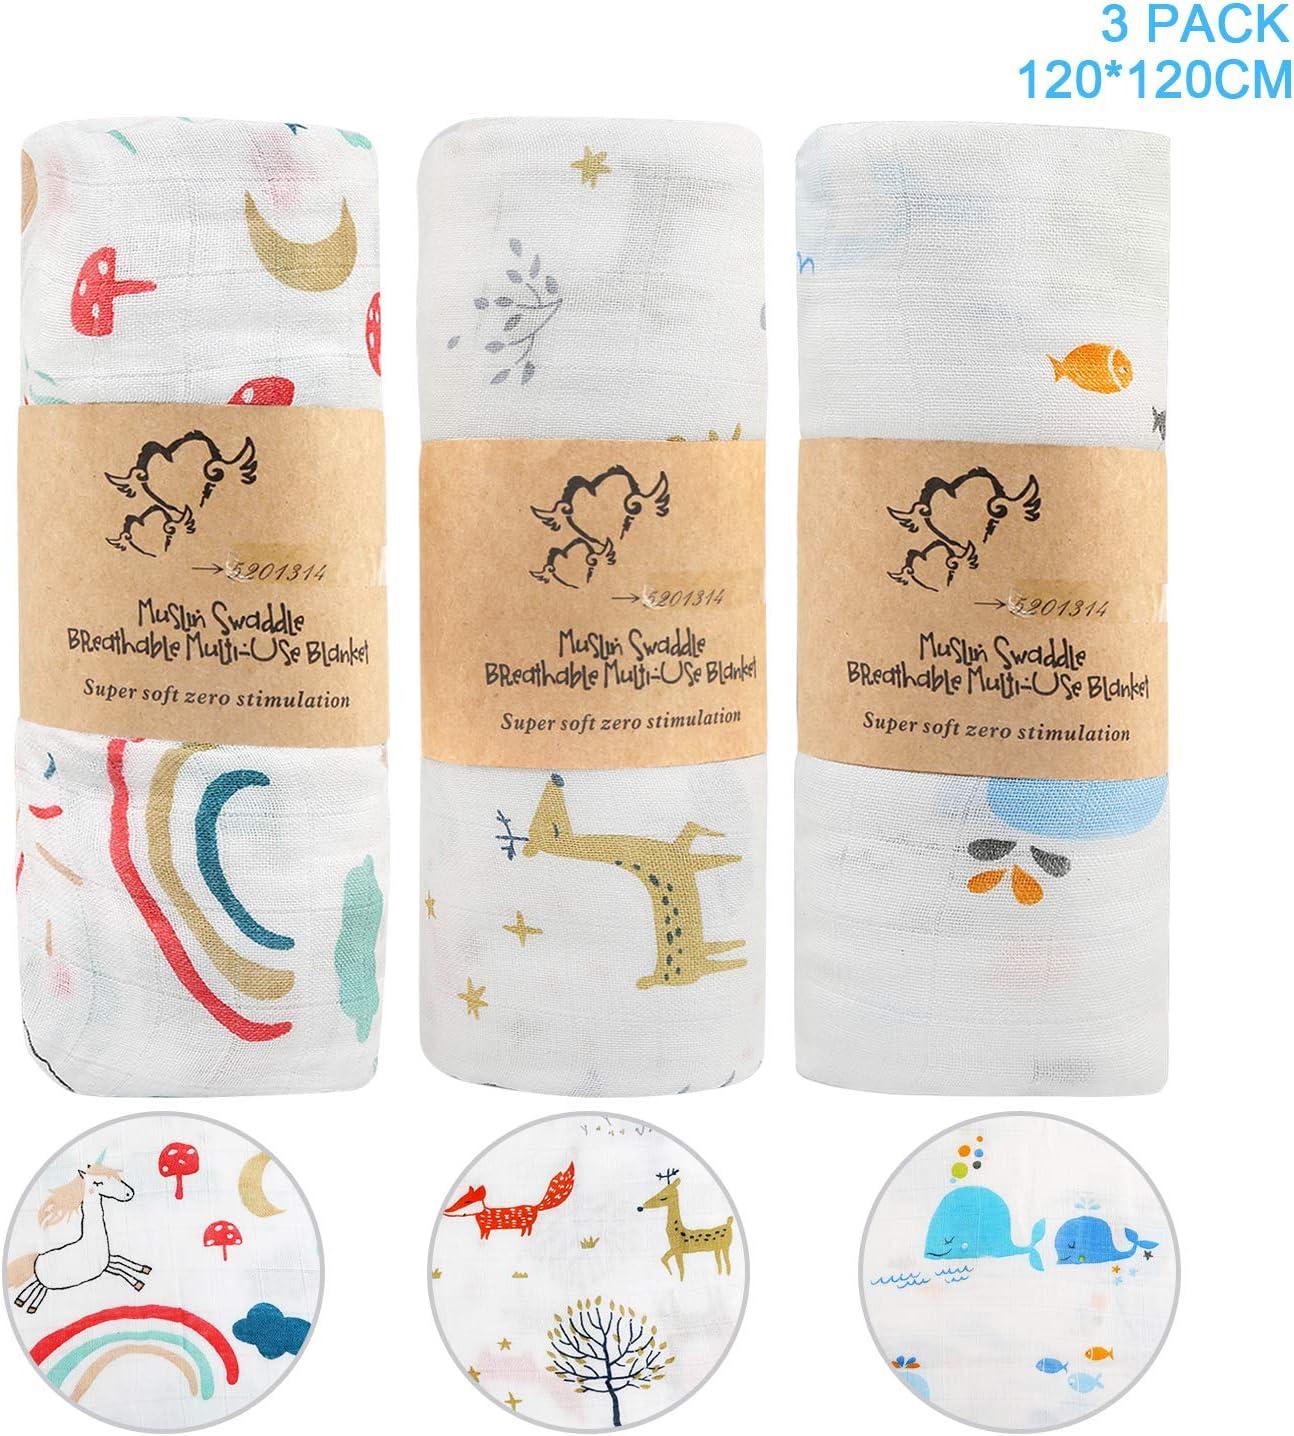 120x120 cm Grande Mantas de Muselina de Bamb/ú Algod/ón para Bebes Reci/én Nacidos Paquete de 3 Envoltura de Muselina Mantas BelleStyle Mantas Swaddle Beb/é